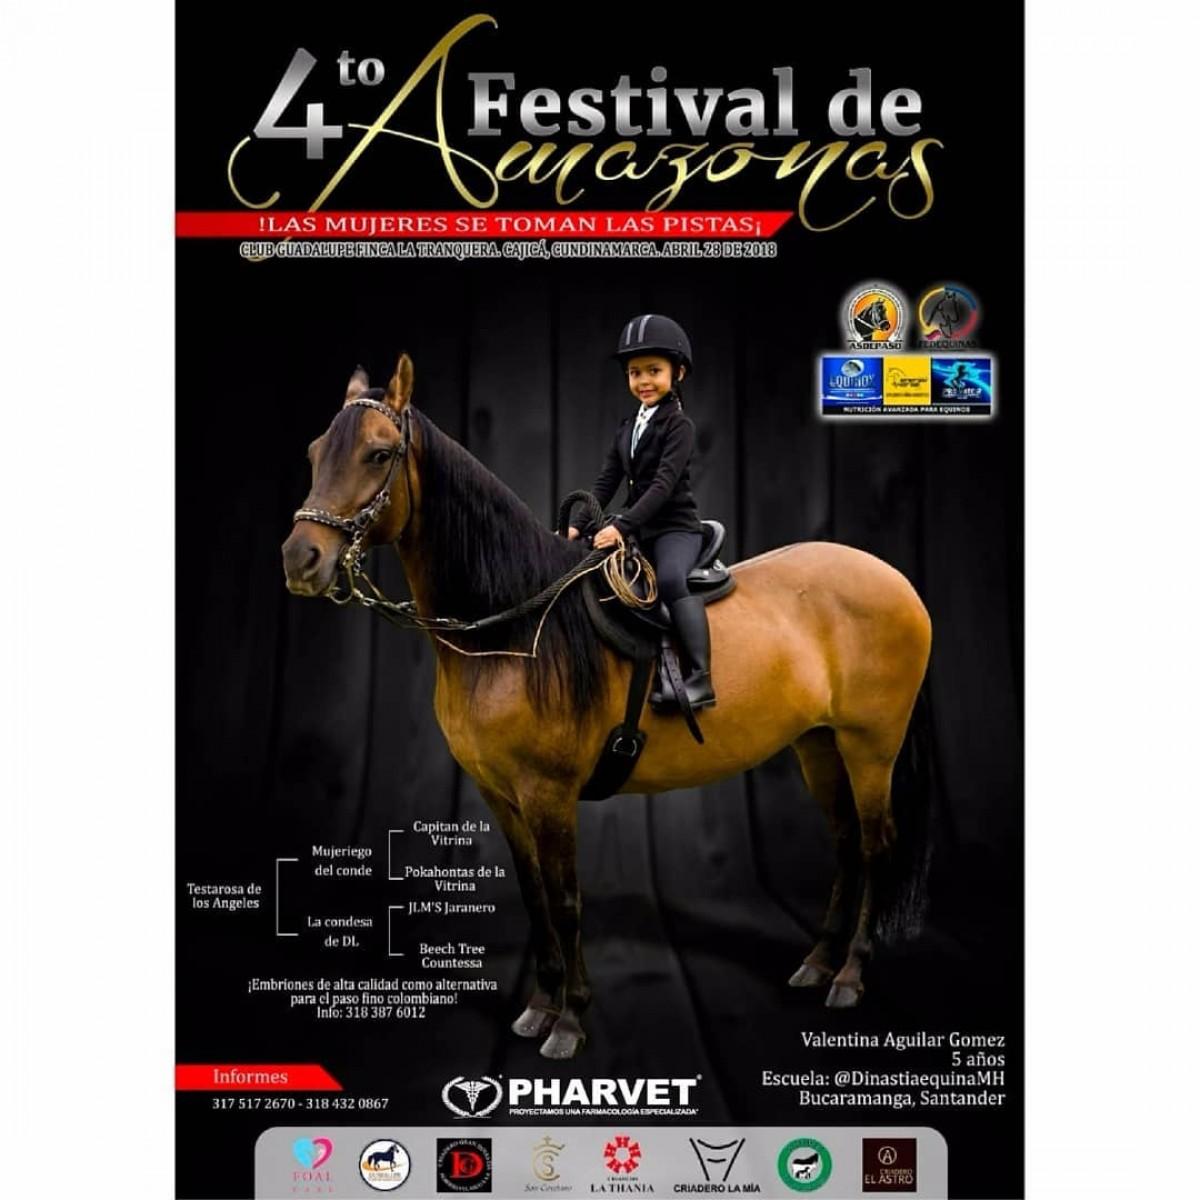 4to Festival de Amazonas 28 de Abril del 2018